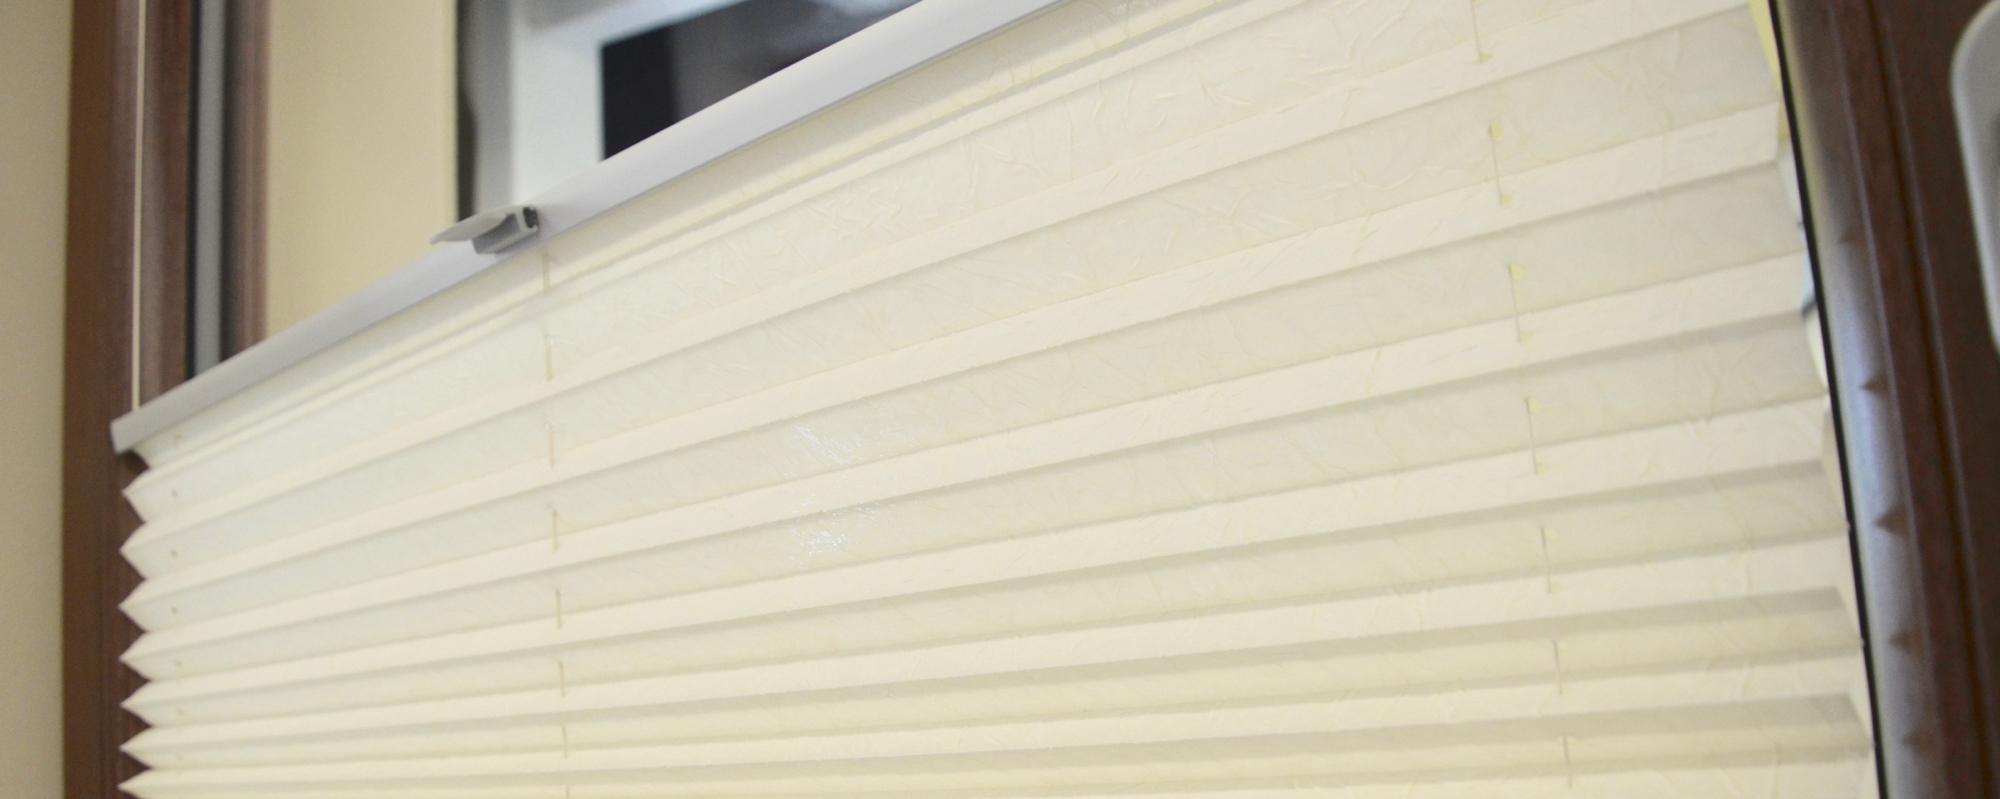 Full Size of Fenster Plissee Eibner Regnath Tren Austauschen Mit Rolladenkasten Velux Rollo Rc 2 Sichtschutzfolie Einseitig Durchsichtig Einbruchsicherung Rundes Fenster Fenster Plissee